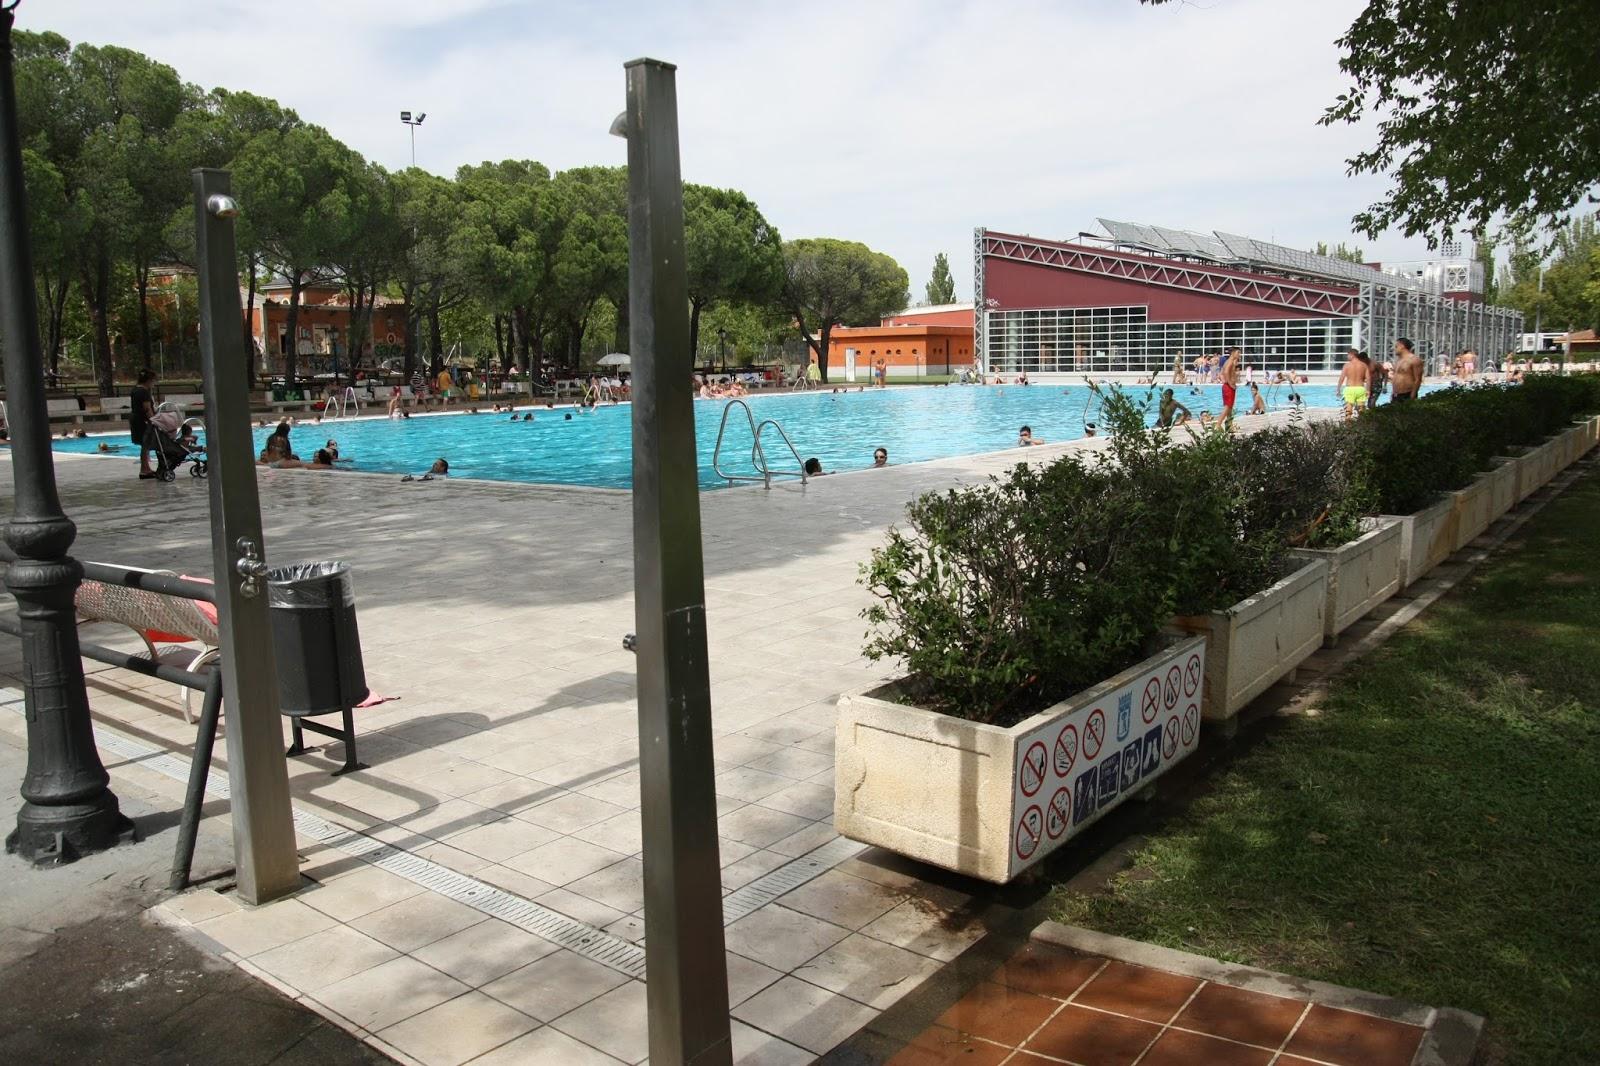 Nudismo en la piscina de aluche 30 de julio de 2017 for Piscina municipal fuenlabrada 2017